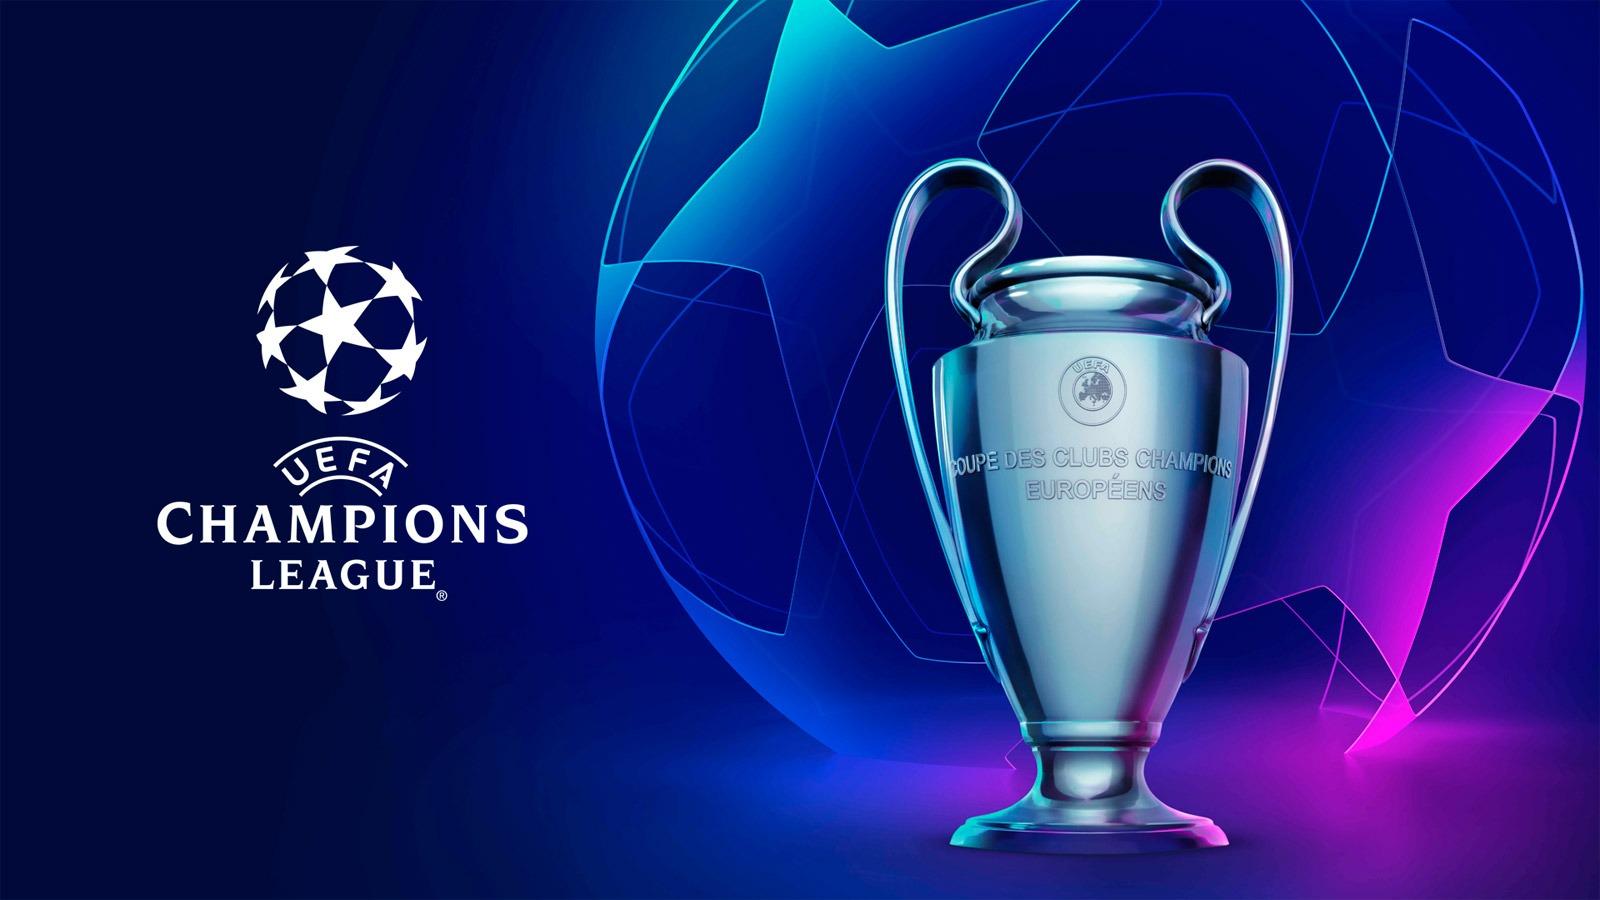 La nueva Champions League, ¿la muerte definitiva del fútbol?